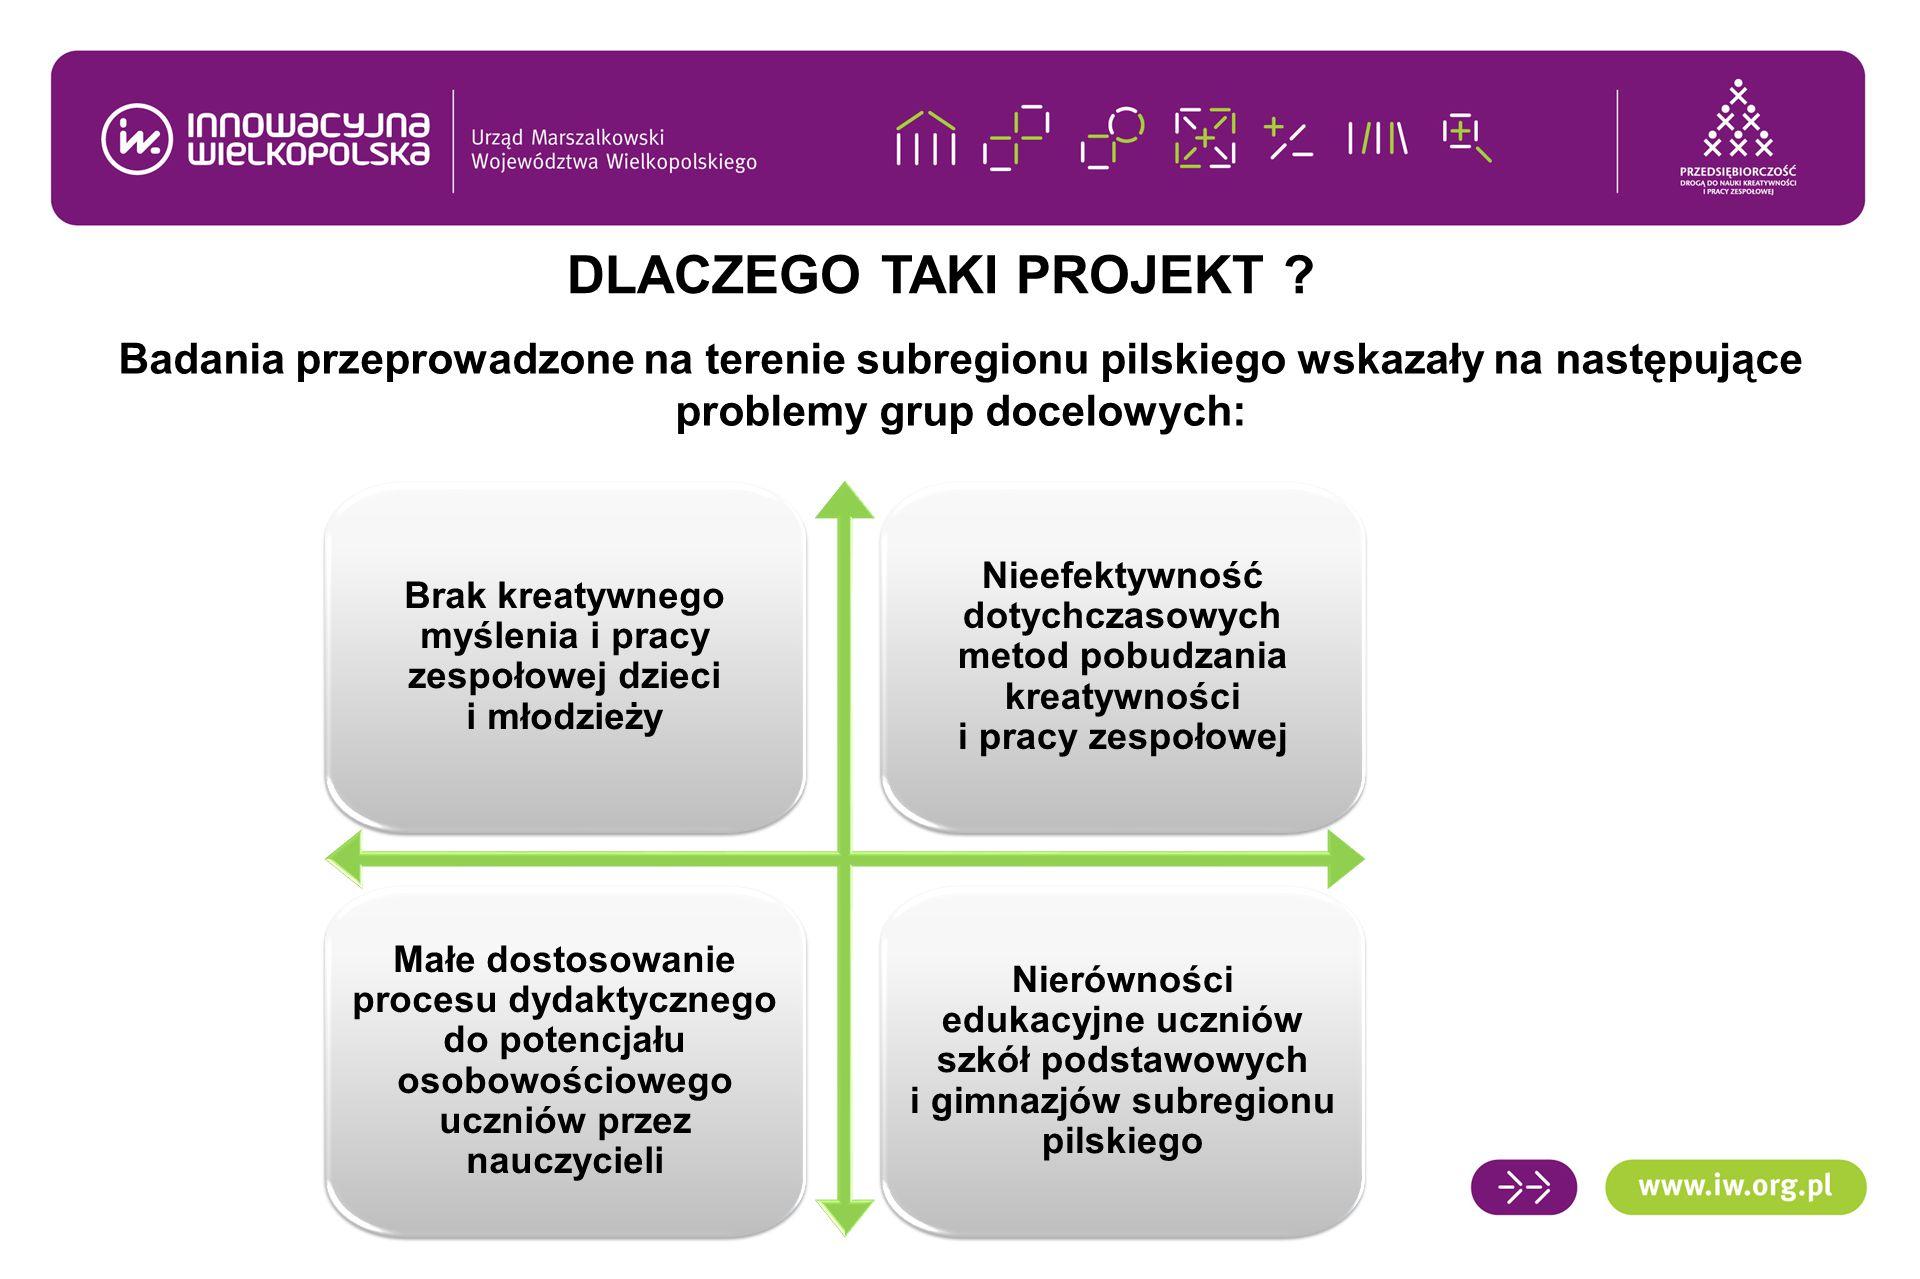 Badania przeprowadzone na terenie subregionu pilskiego wskazały na następujące problemy grup docelowych: DLACZEGO TAKI PROJEKT ? Brak kreatywnego myśl